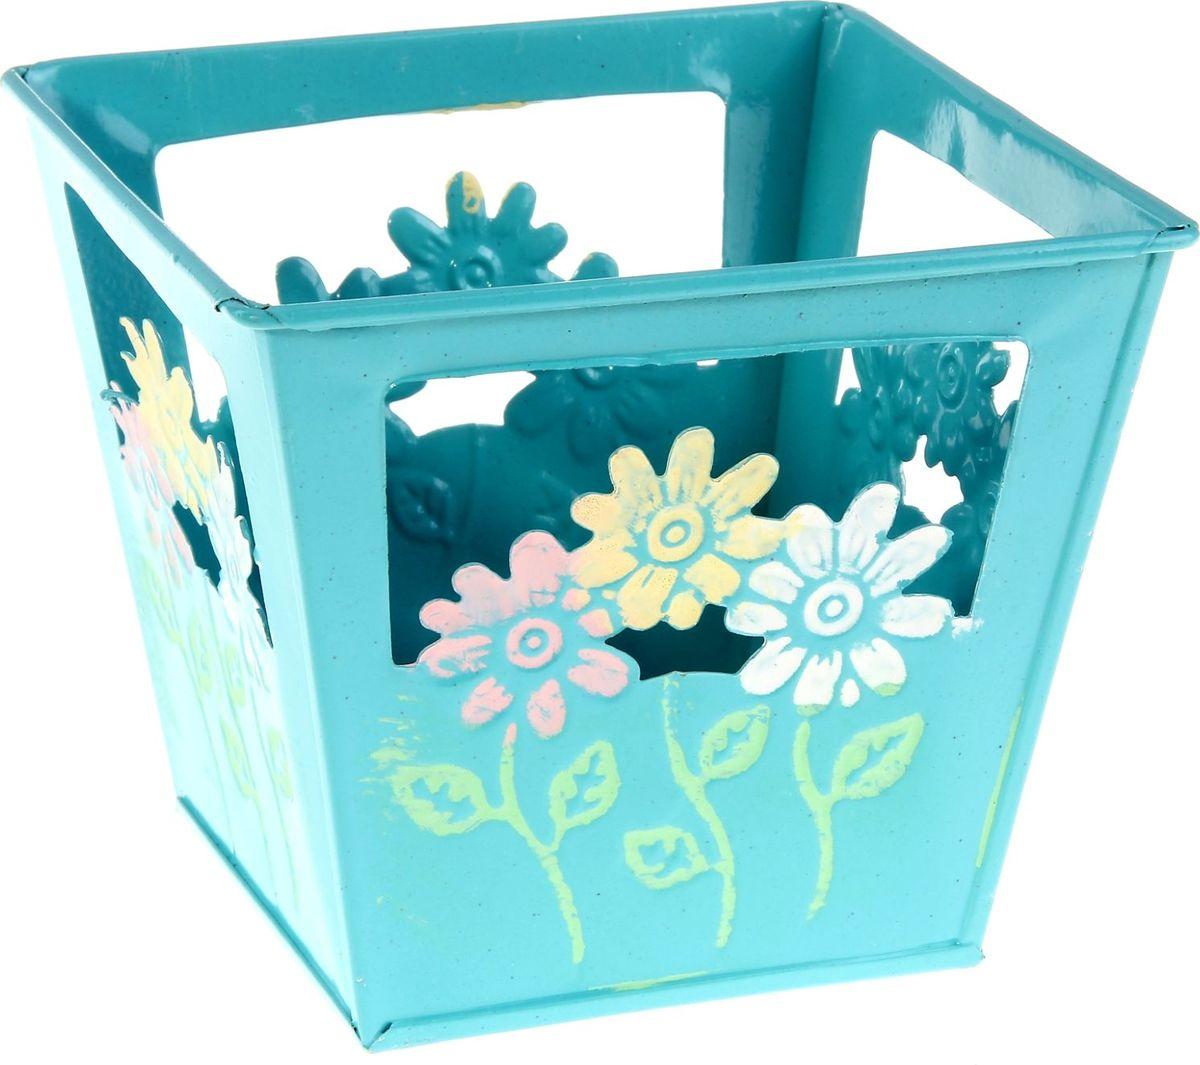 Кашпо Цветочки, цвет: голубой, 12 х 12 х10 см232867Комнатные растения — всеобщие любимцы. Они радуют глаз, насыщают помещение кислородом и украшают пространство. Каждому из растений необходим свой удобный и красивый дом. Металлические декоративные вазы для горшков практичны и долговечны. #name# позаботится о зелёном питомце, освежит интерьер и подчеркнёт его стиль. Особенно выигрышно они смотрятся в экстерьере: на террасах и в беседках. При желании его всегда можно перекрасить в другой цвет.